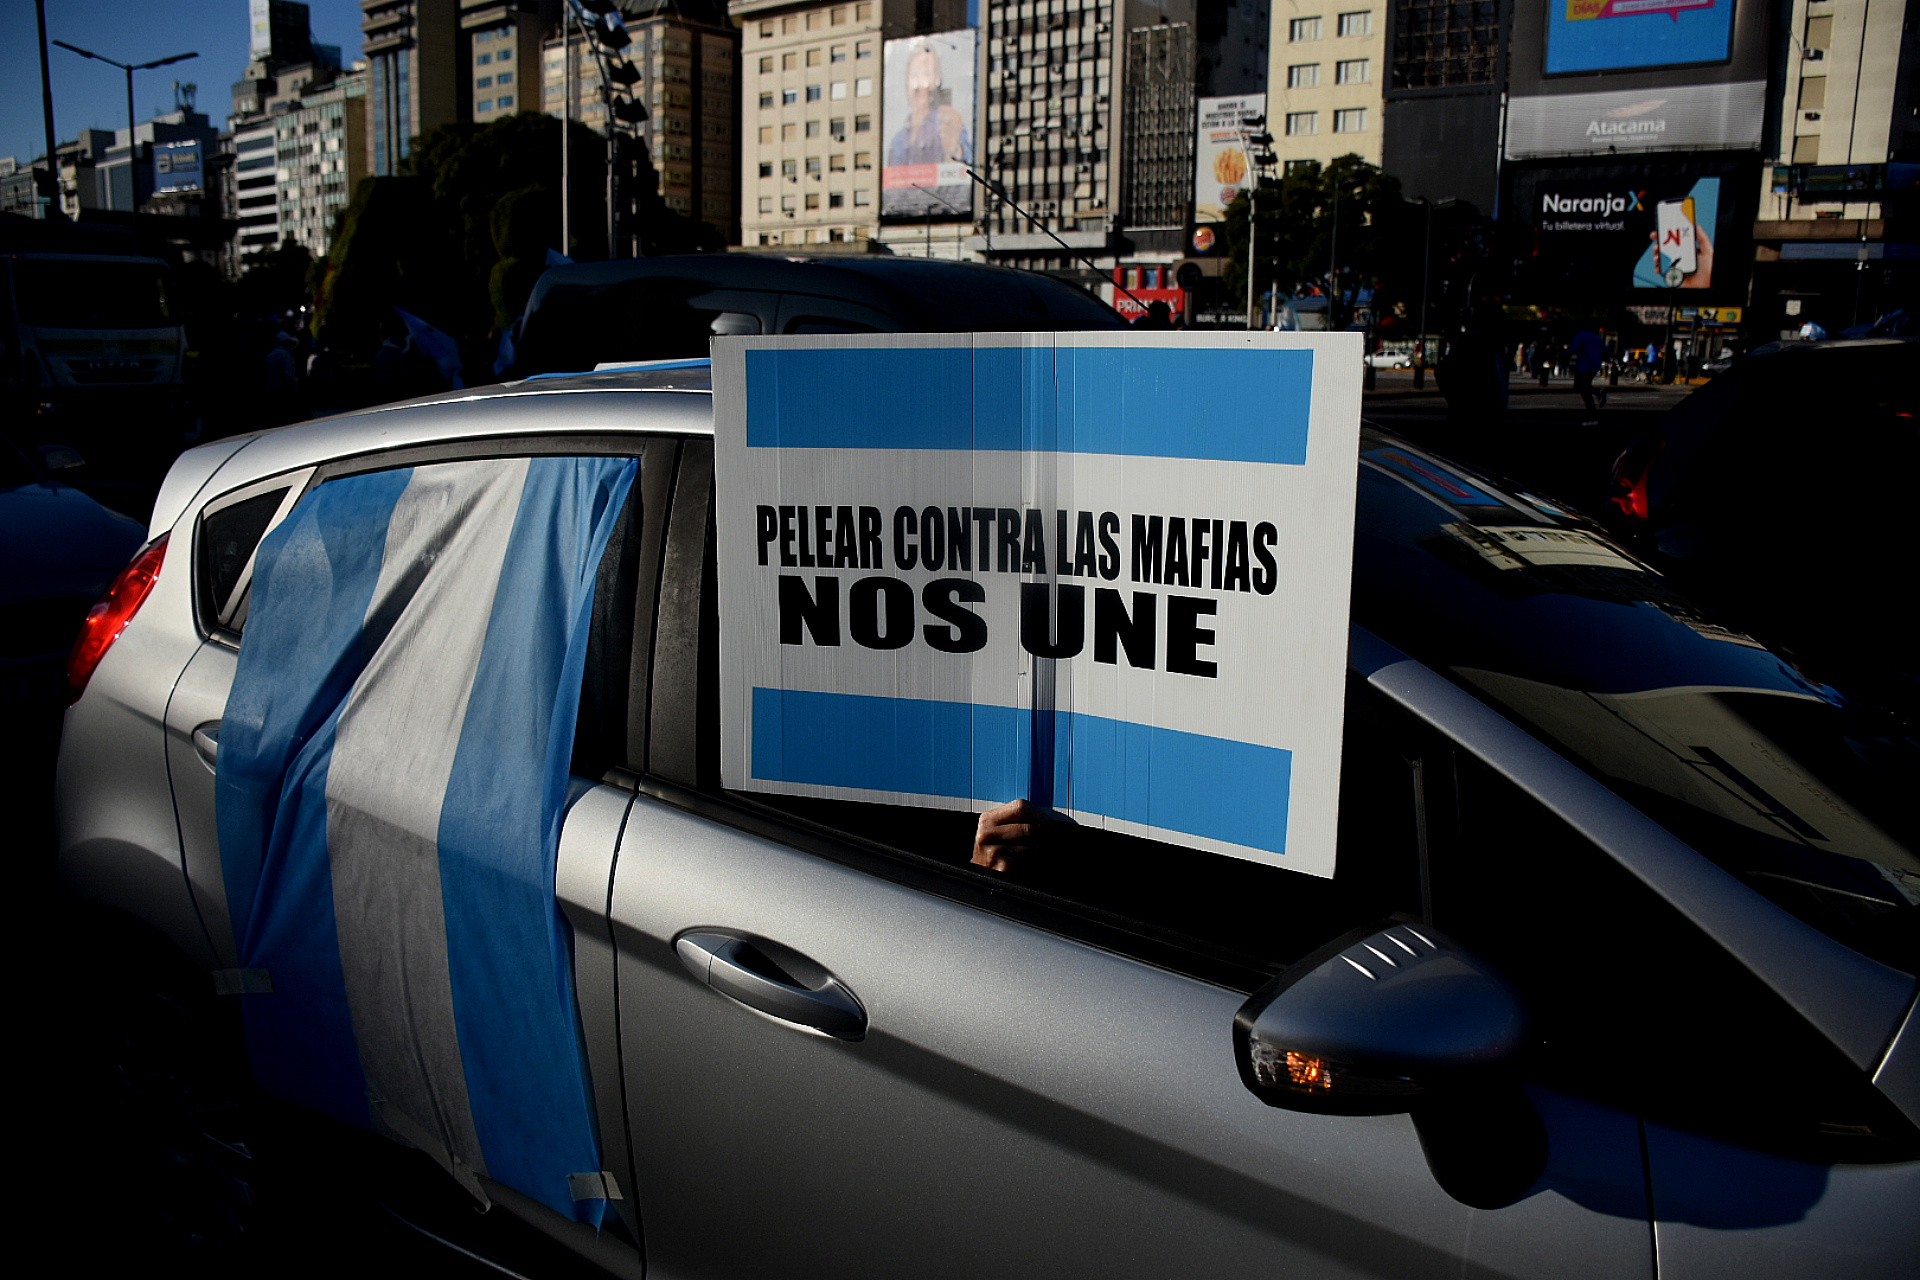 Durante la jornada se registraron fuertes cacerolazos en distintos barrios de la Ciudad de Buenos Aires